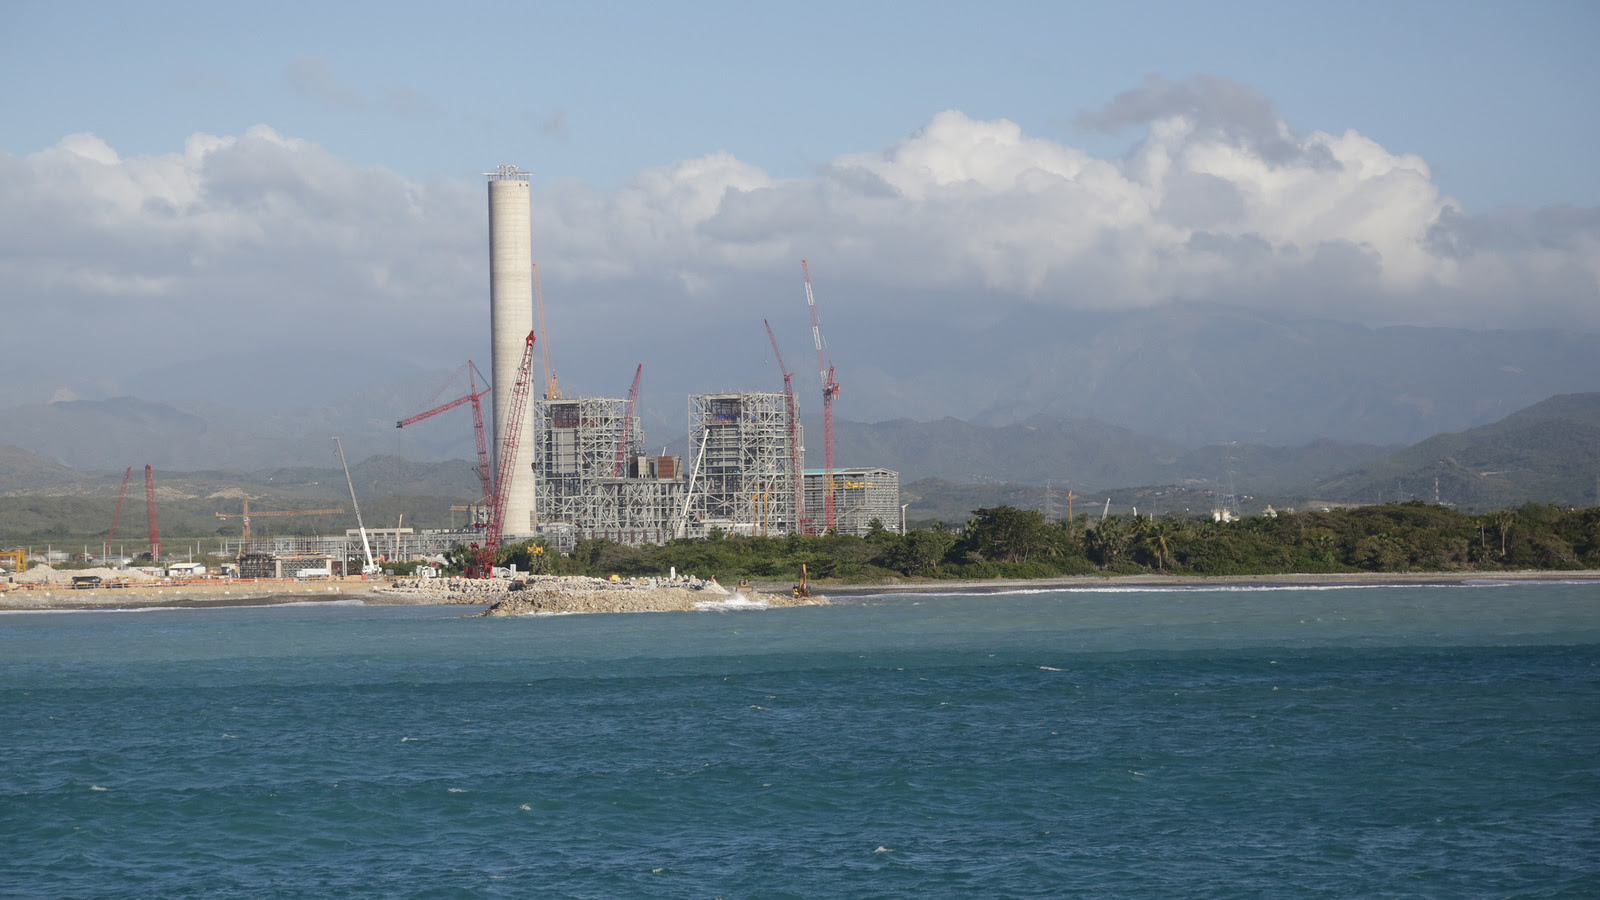 Comisión que investigó licitación de Punta Catalina presentará informe mañana